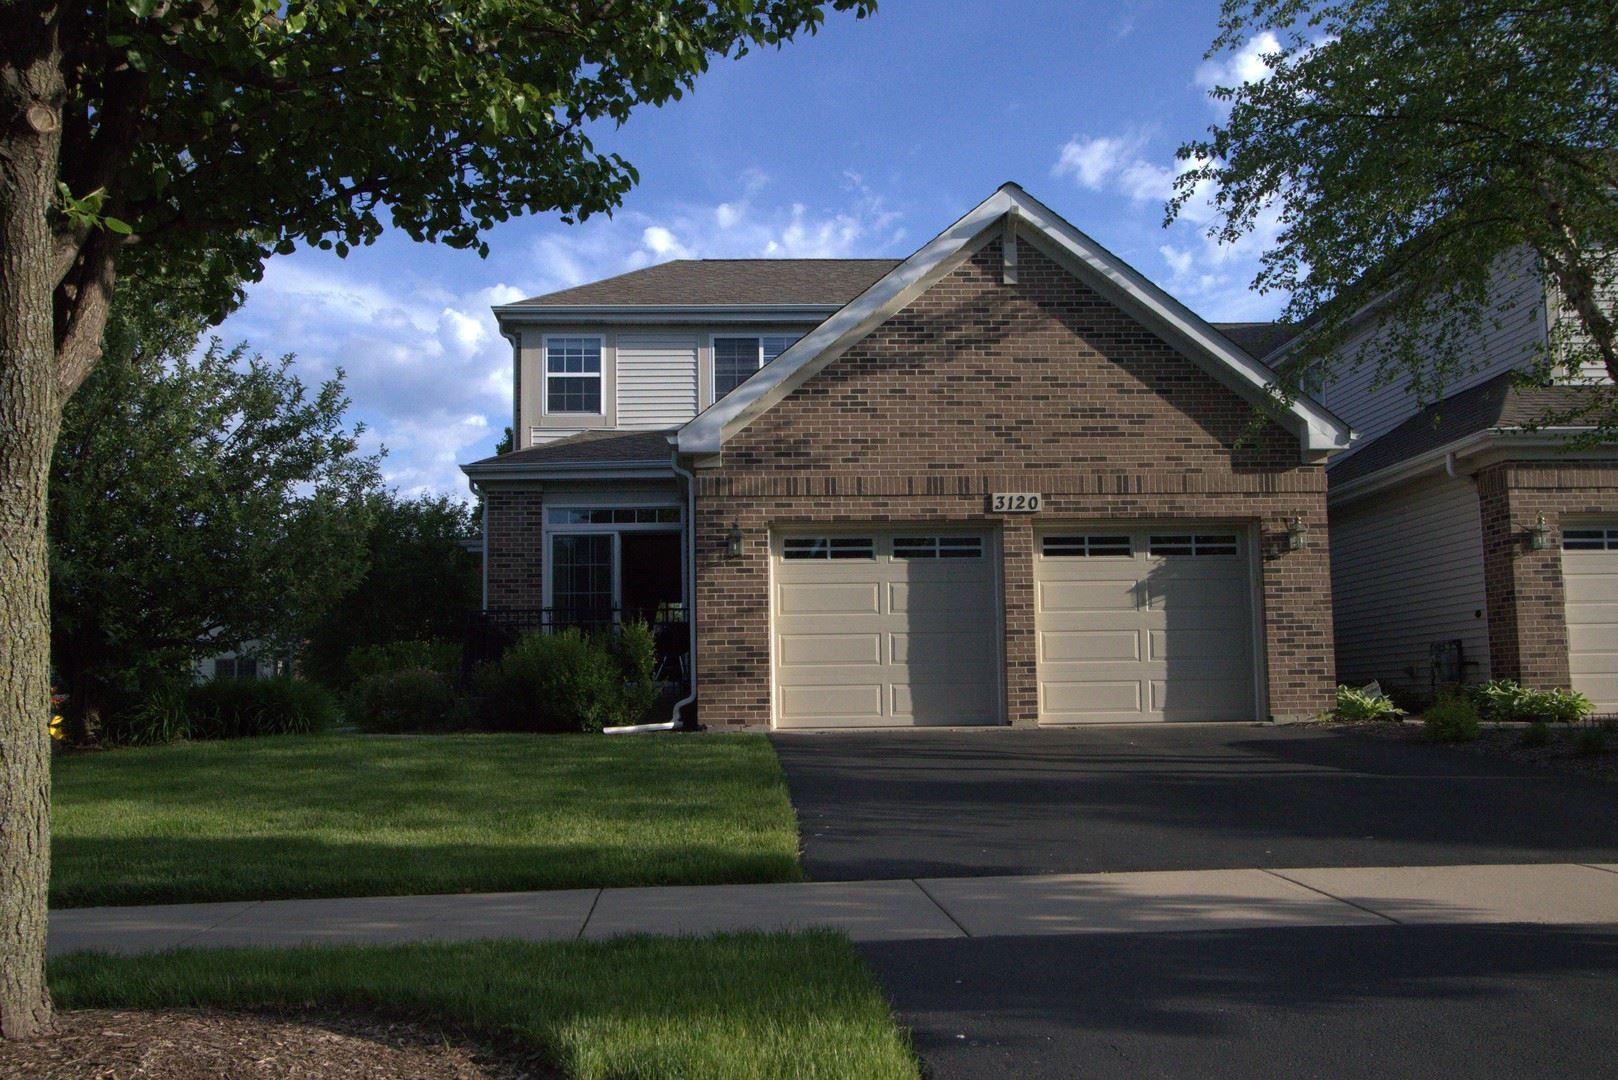 3120 SAGANASHKEE Lane, Naperville, IL 60564 - #: 10803419